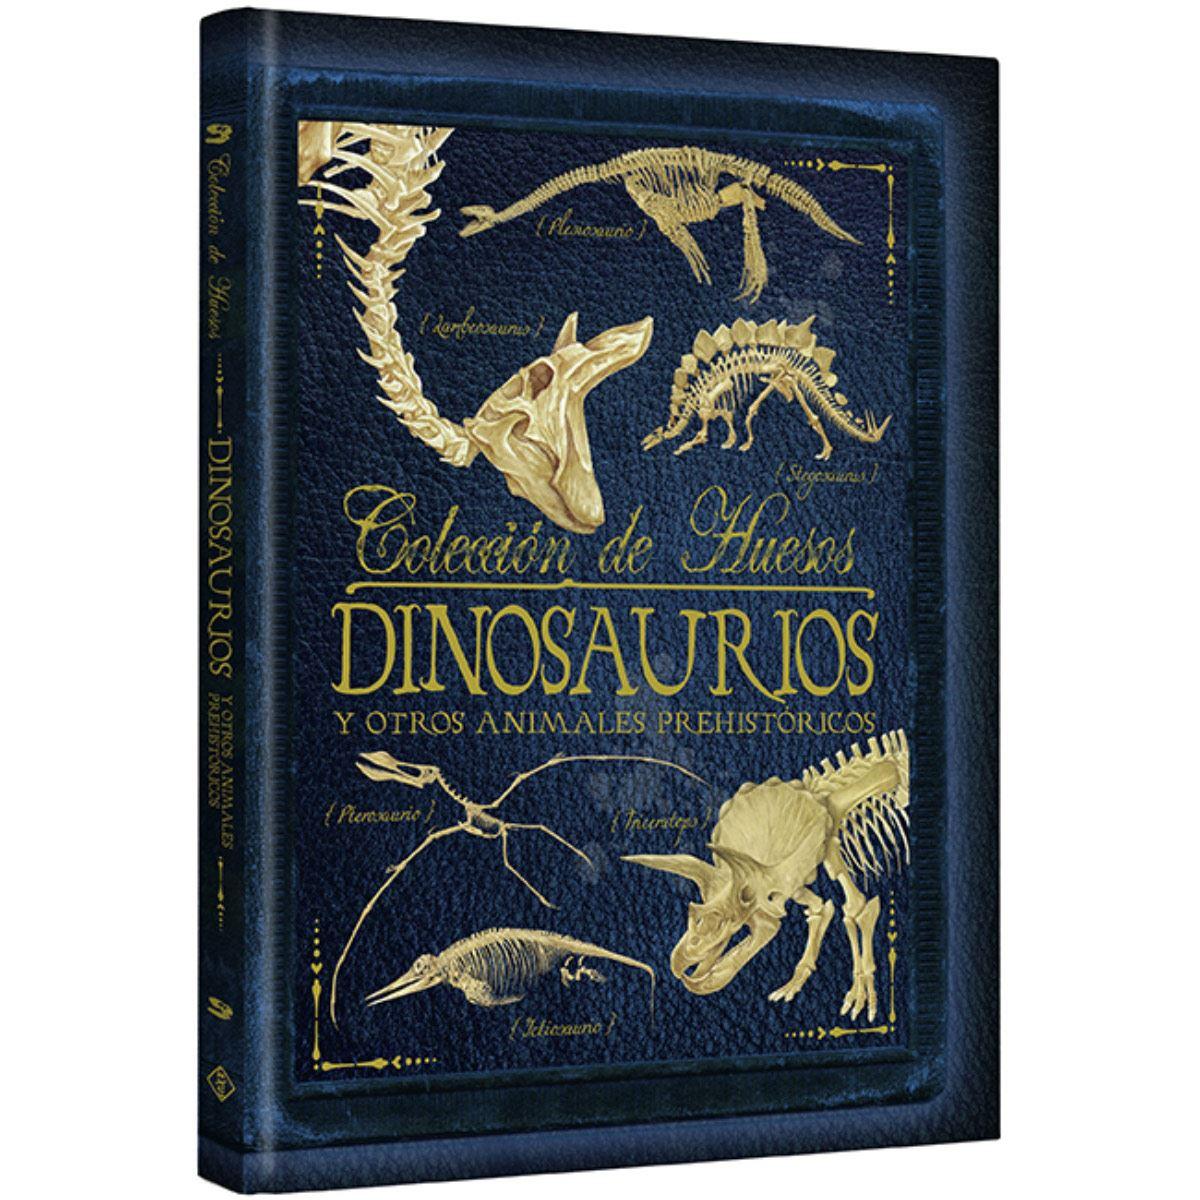 Colección de huesos- Dinosaurios